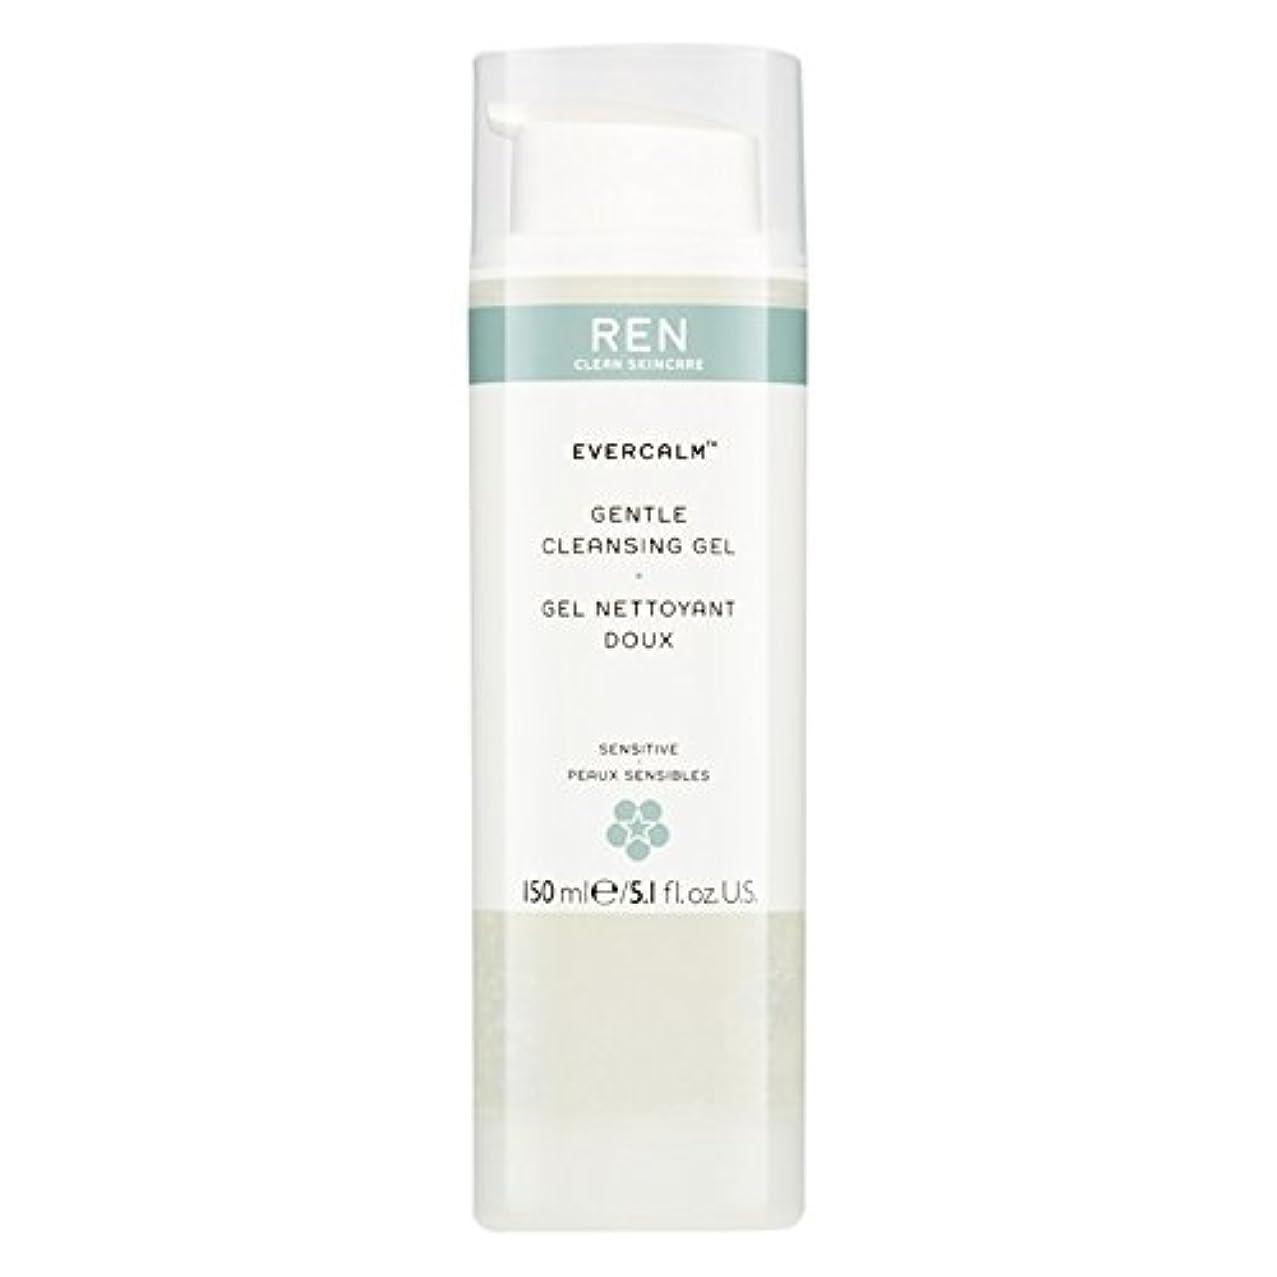 食事を調理する石分析的なRen Evercalm優しいクレンジングジェル、150ミリリットル (REN) (x6) - REN Evercalm Gentle Cleansing Gel, 150ml (Pack of 6) [並行輸入品]